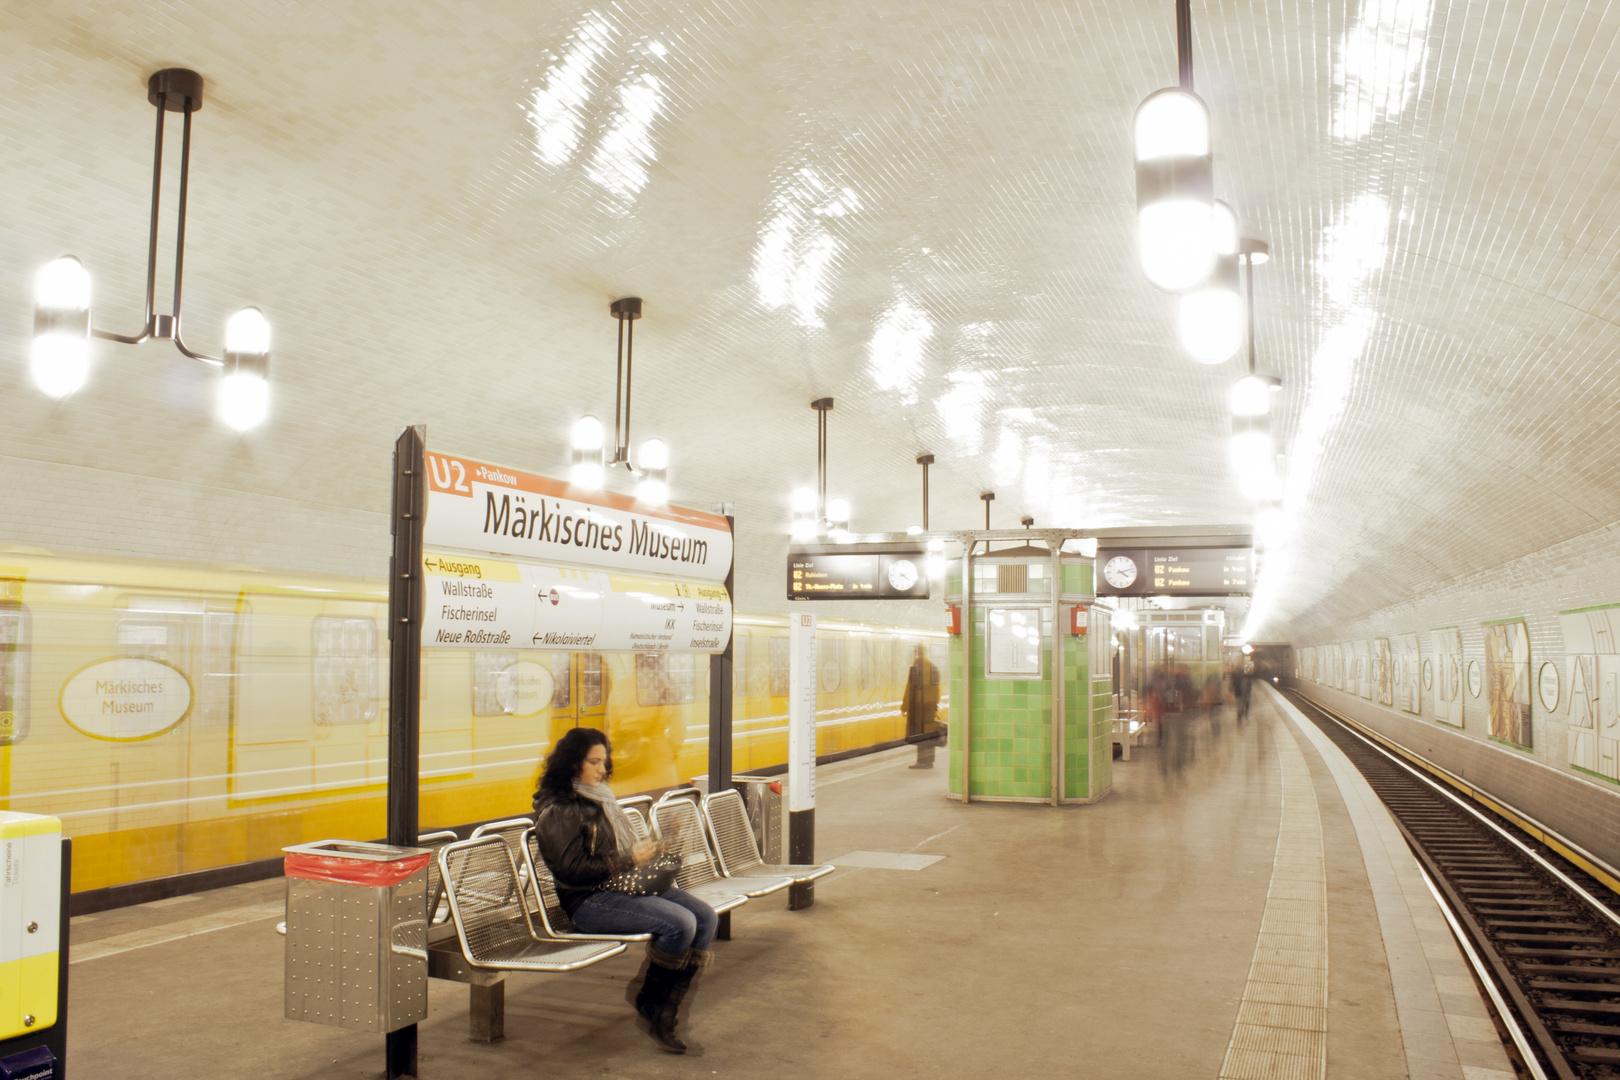 U-Bahnhof Märkisches Museum Berlin